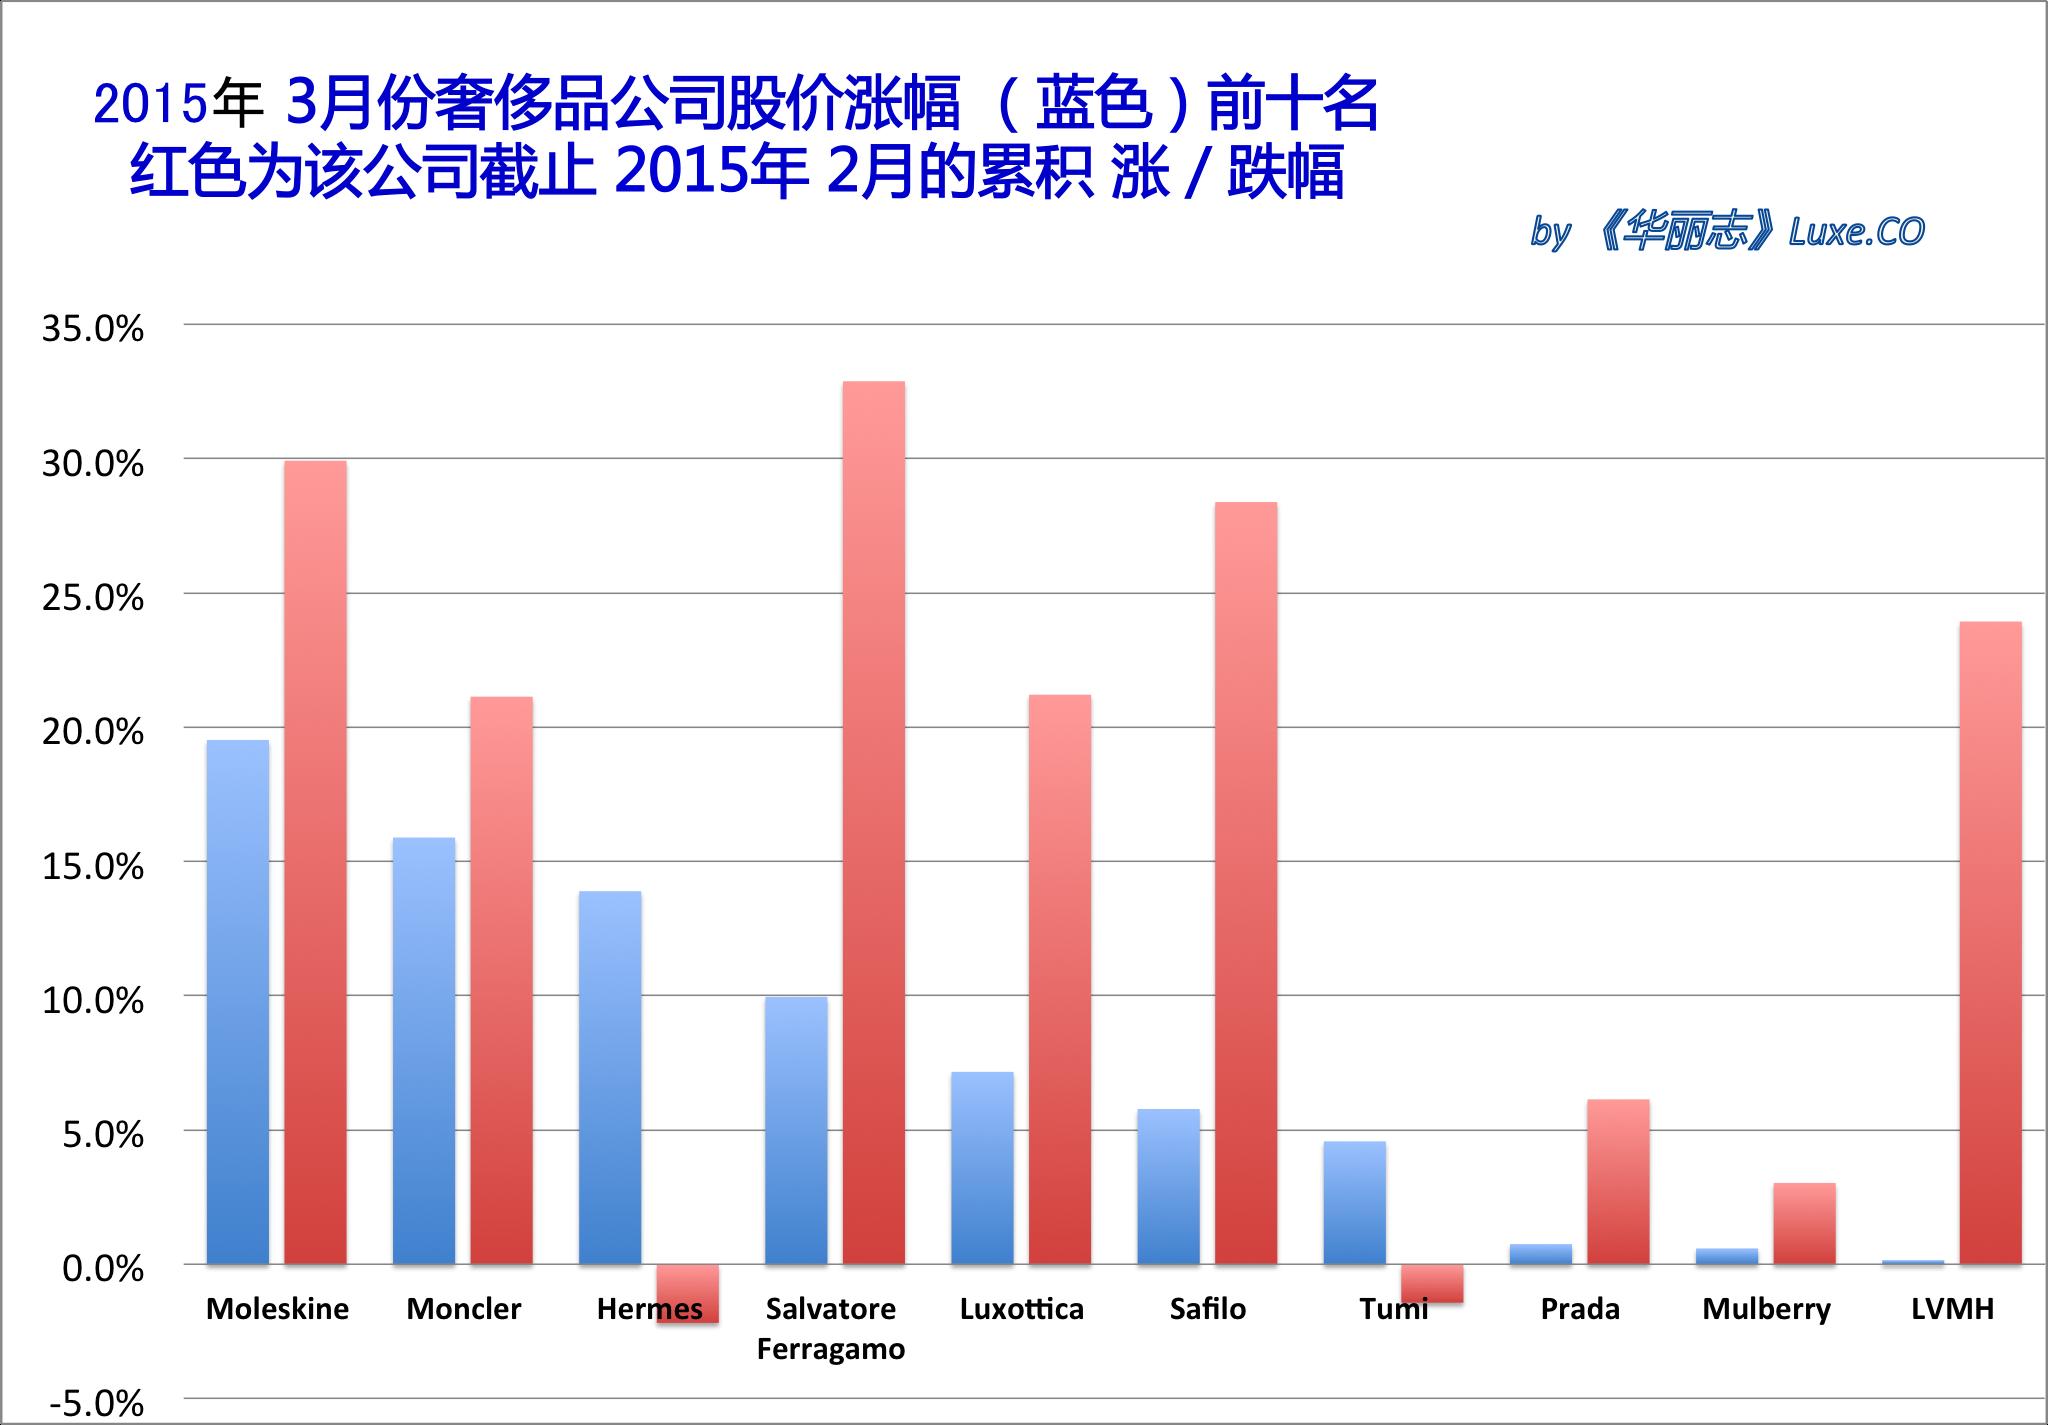 《华丽志》奢侈品股票月度排行榜 (2015年3月)